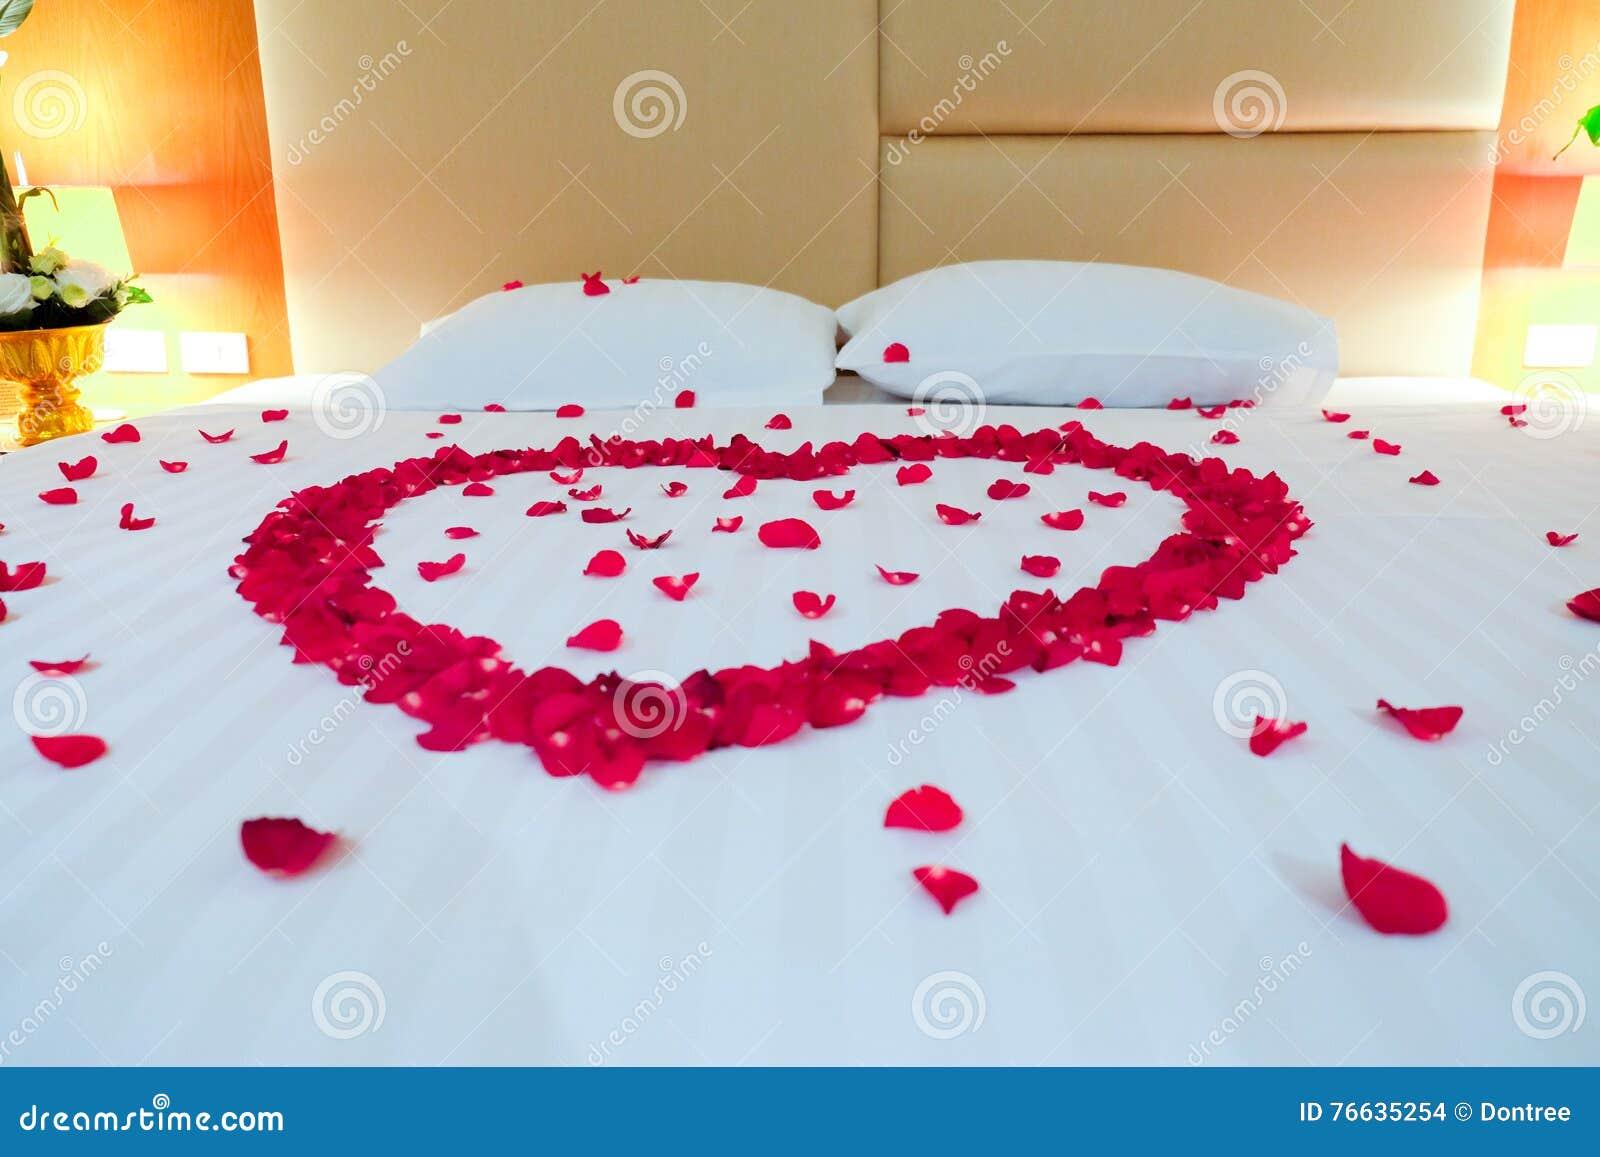 lit de mariage compl t avec des p tales de rose photo stock image du home d tendez 76635254. Black Bedroom Furniture Sets. Home Design Ideas